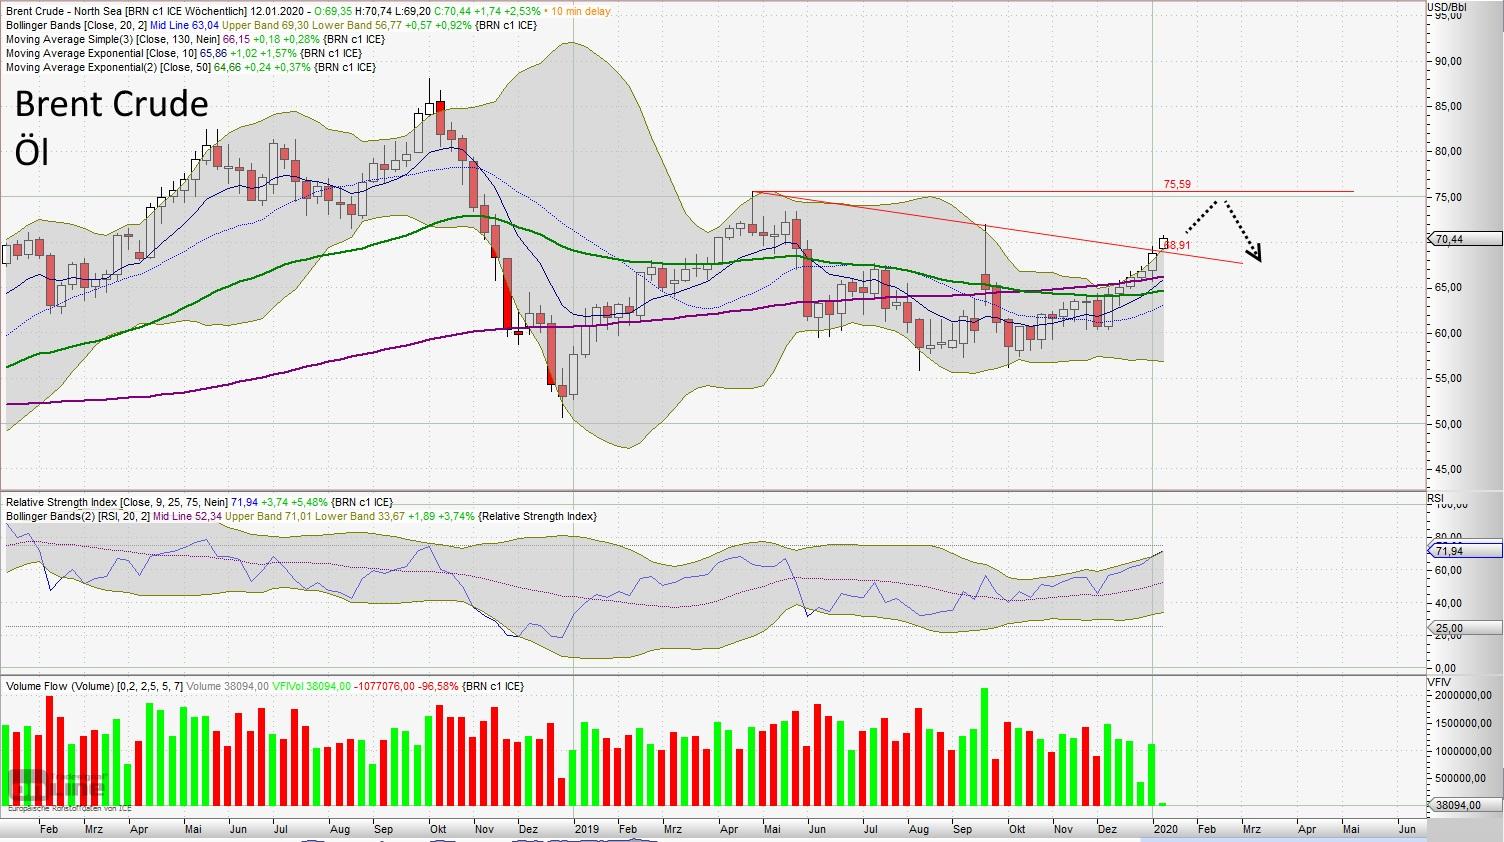 Brent Crude Öl - aktuelle Chartanalyse von Lars Hattwig